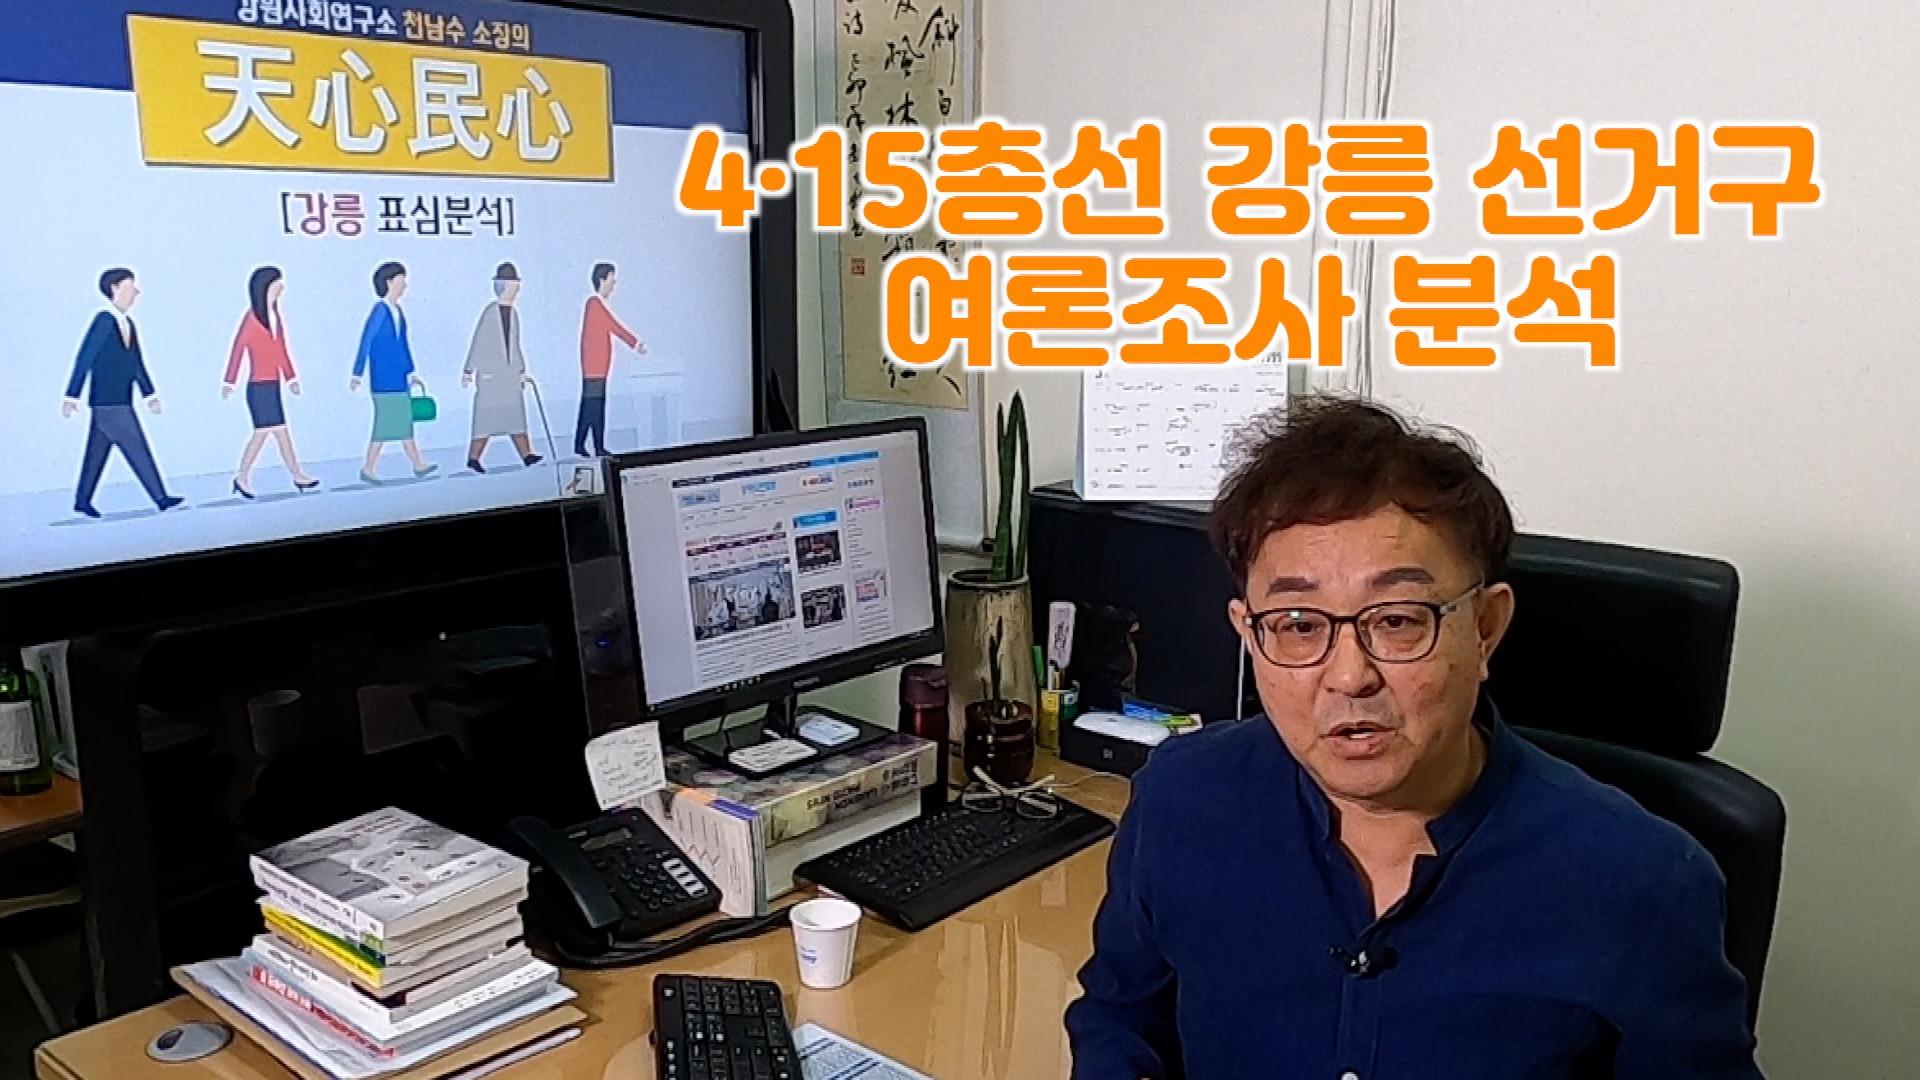 [천남수의 천심민심(天心民心)] 3. 강릉 선거구 4・15총선 여론조사 분석